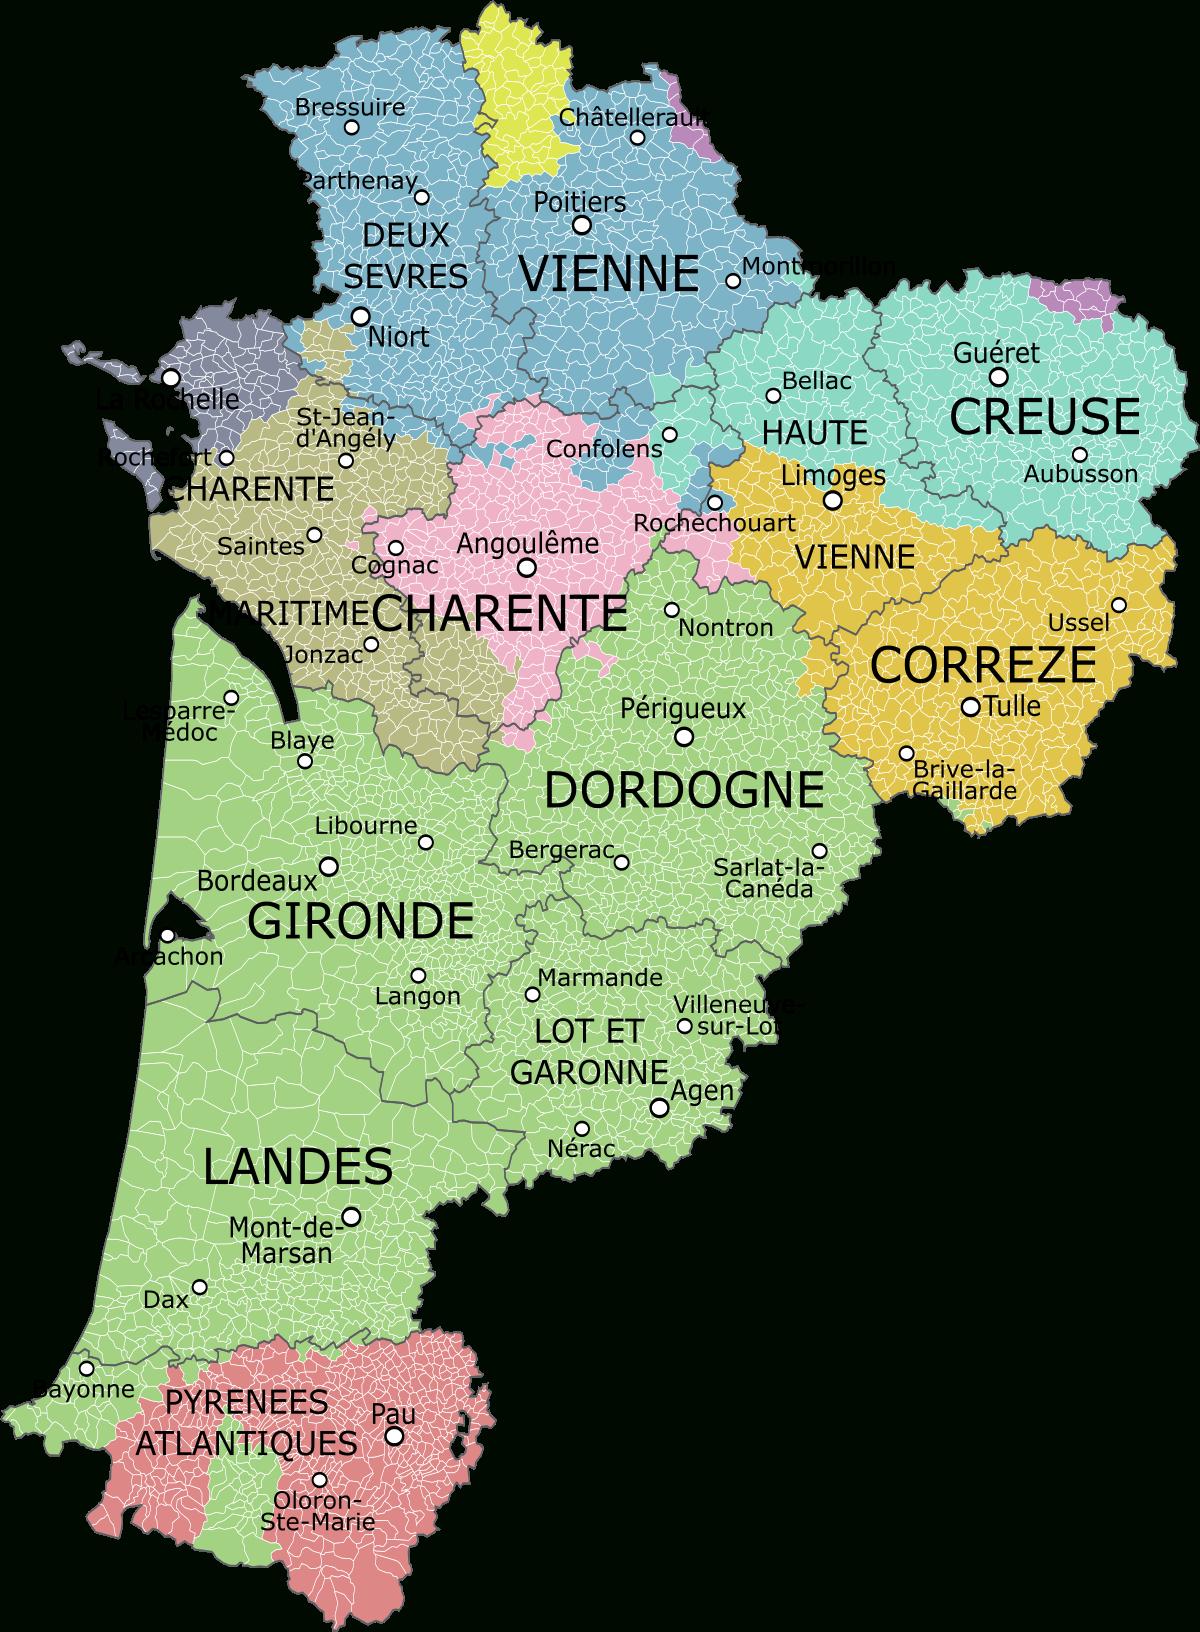 File:aquitaine-Limousin-Poitou-Charentes Et Provinces.svg concernant Carte Nouvelle Region